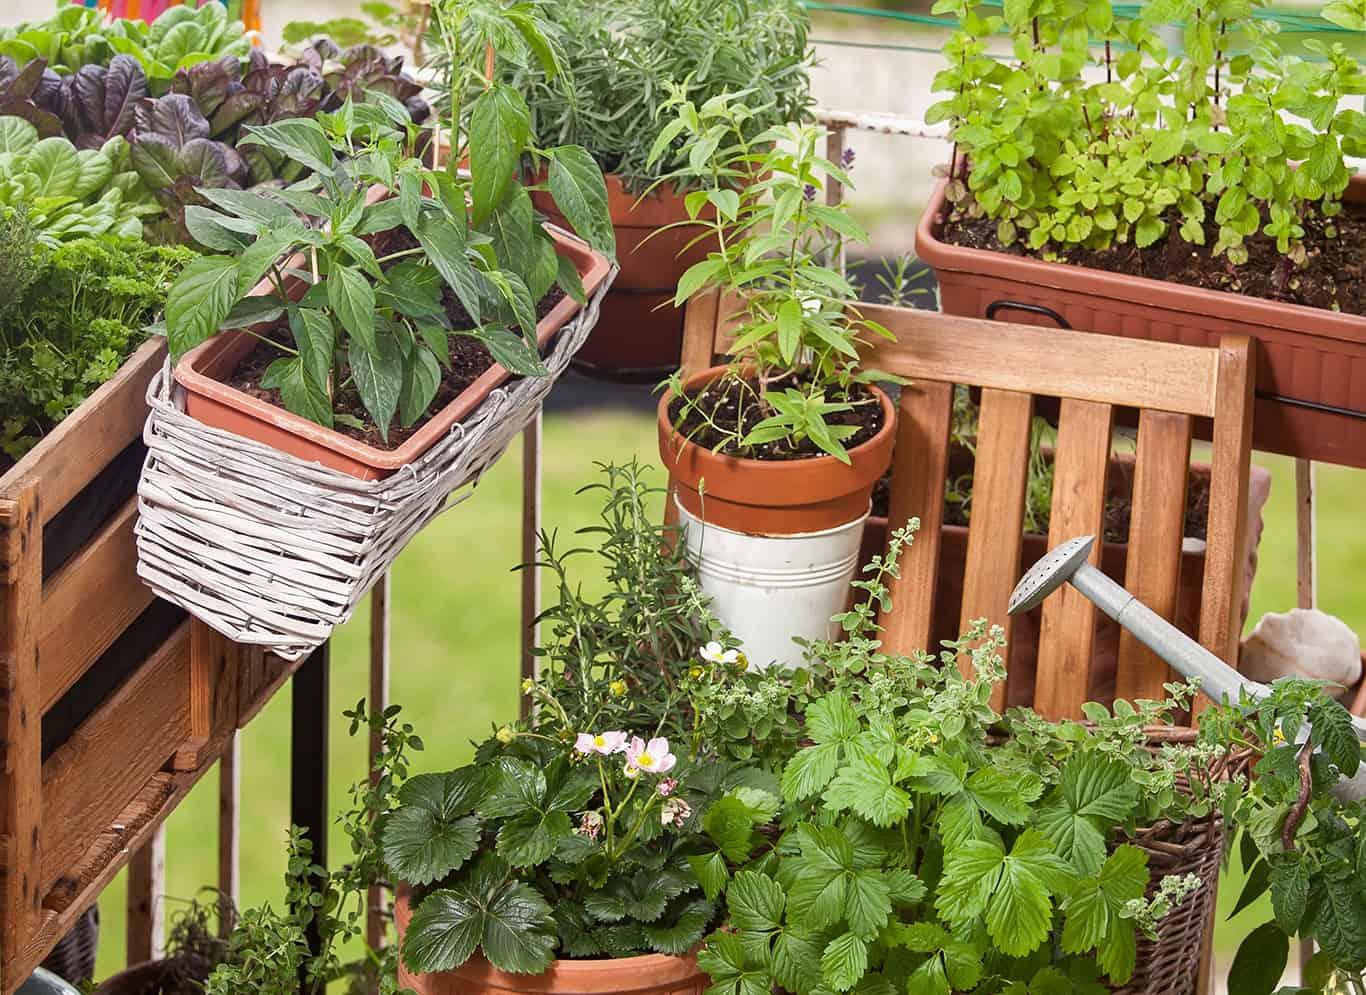 Urban Gardening in München - Balkonbepflanzung